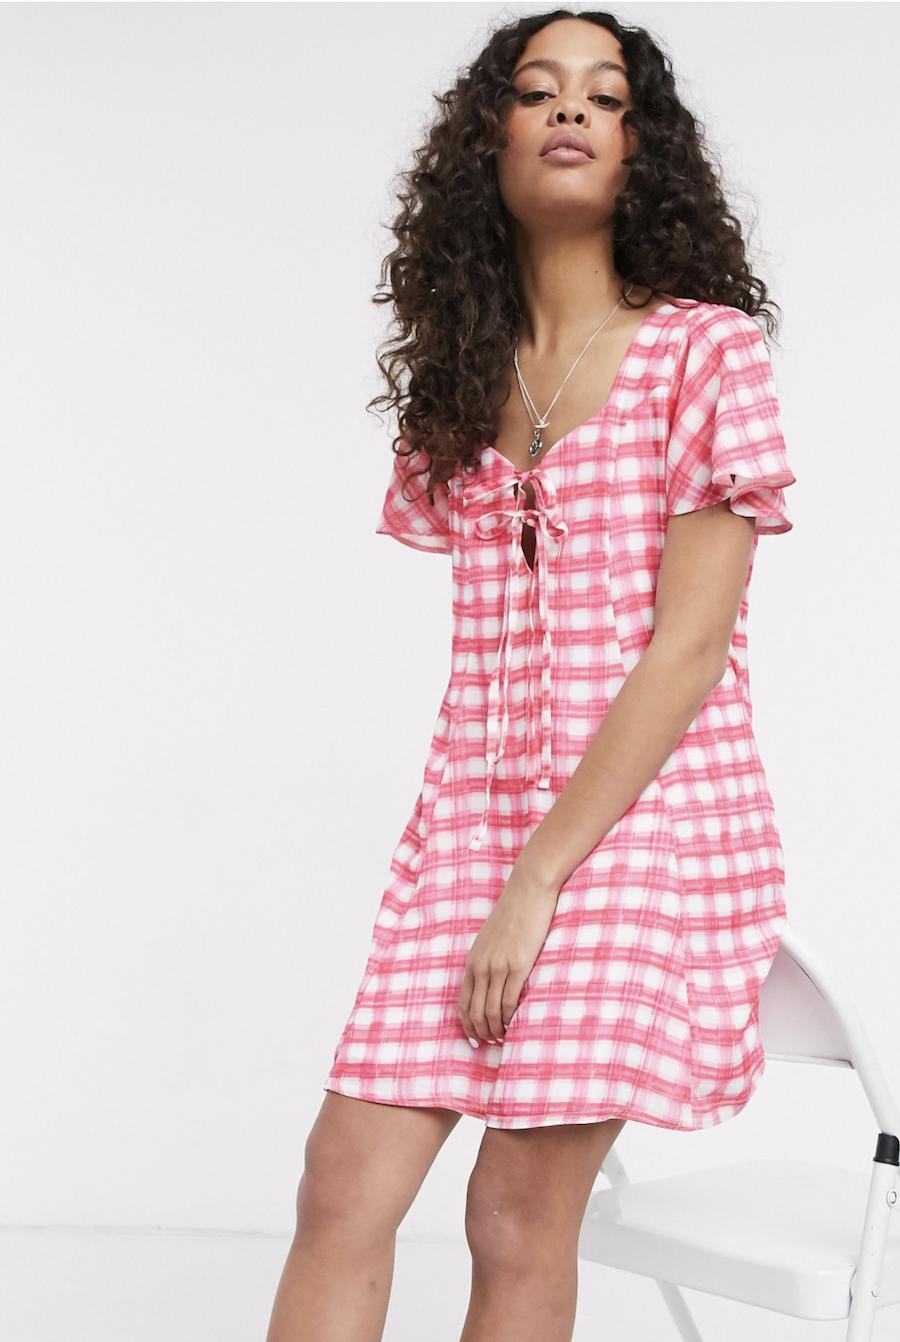 Vestido amplio con lazada en la parte delantera y diseño a cuadros rosas de Another Reason